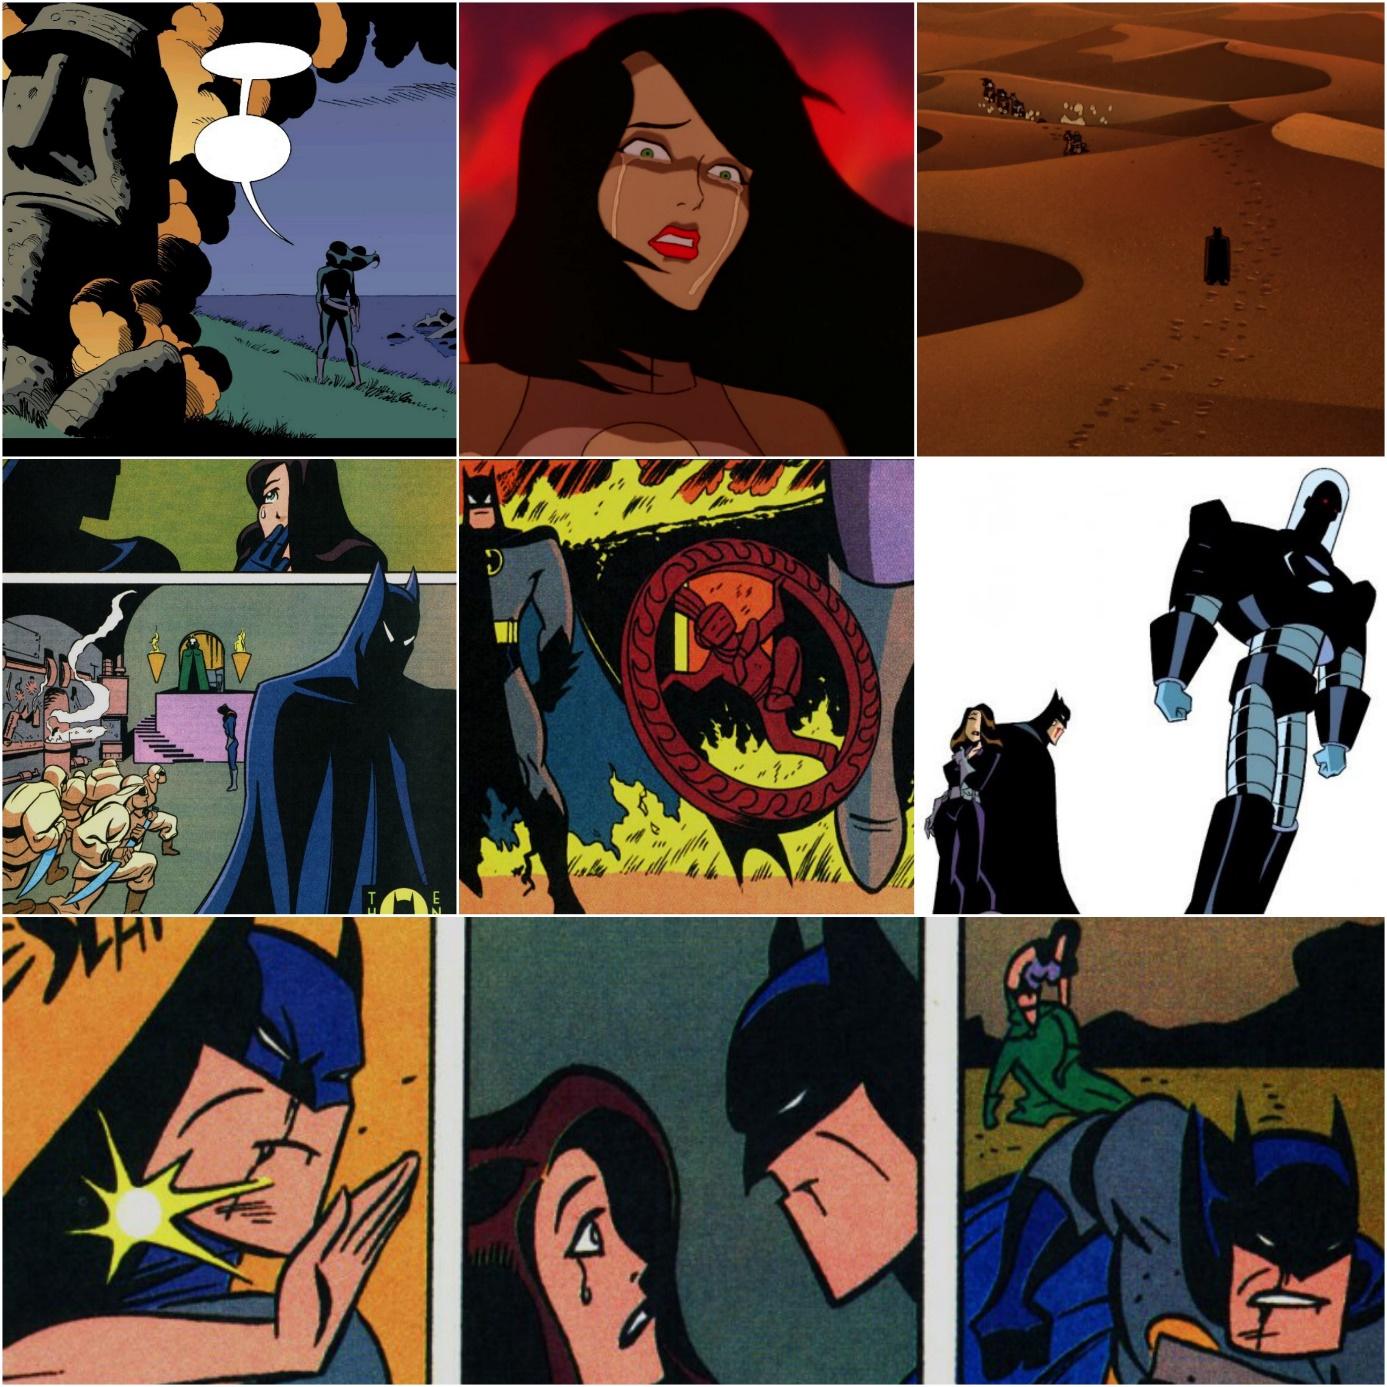 D:\Bats\Al Ghul\Talia\Collage_Fotor2.jpg